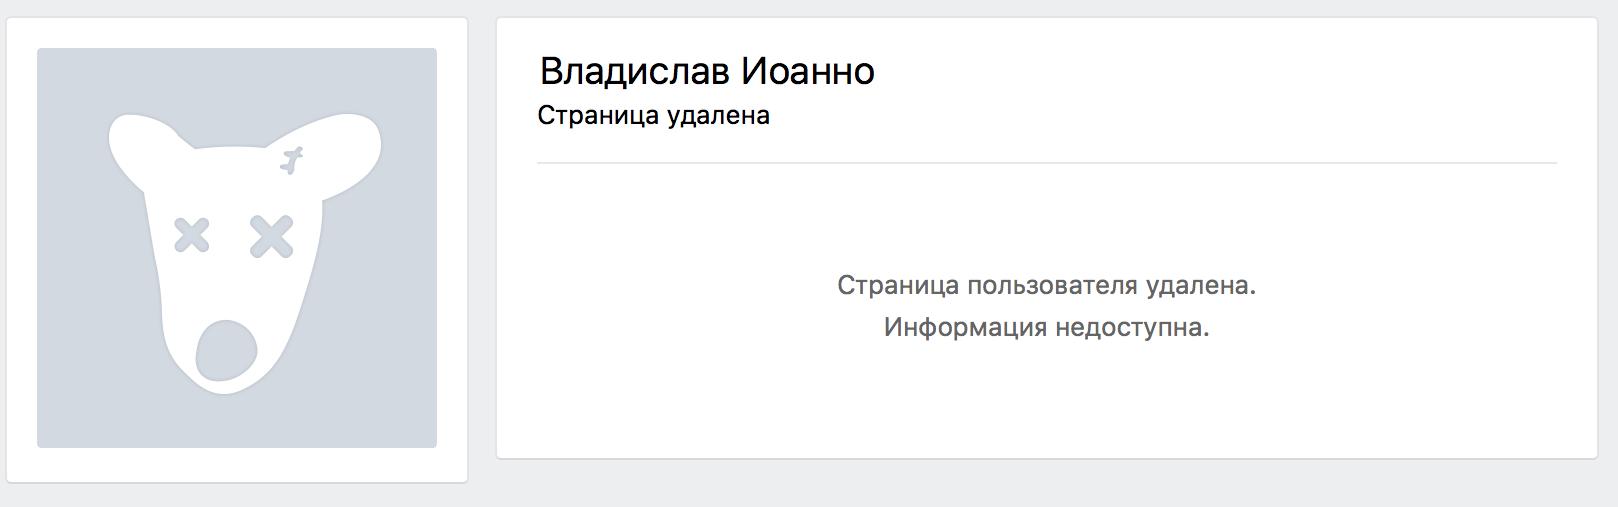 Страница Владислава Иоанно